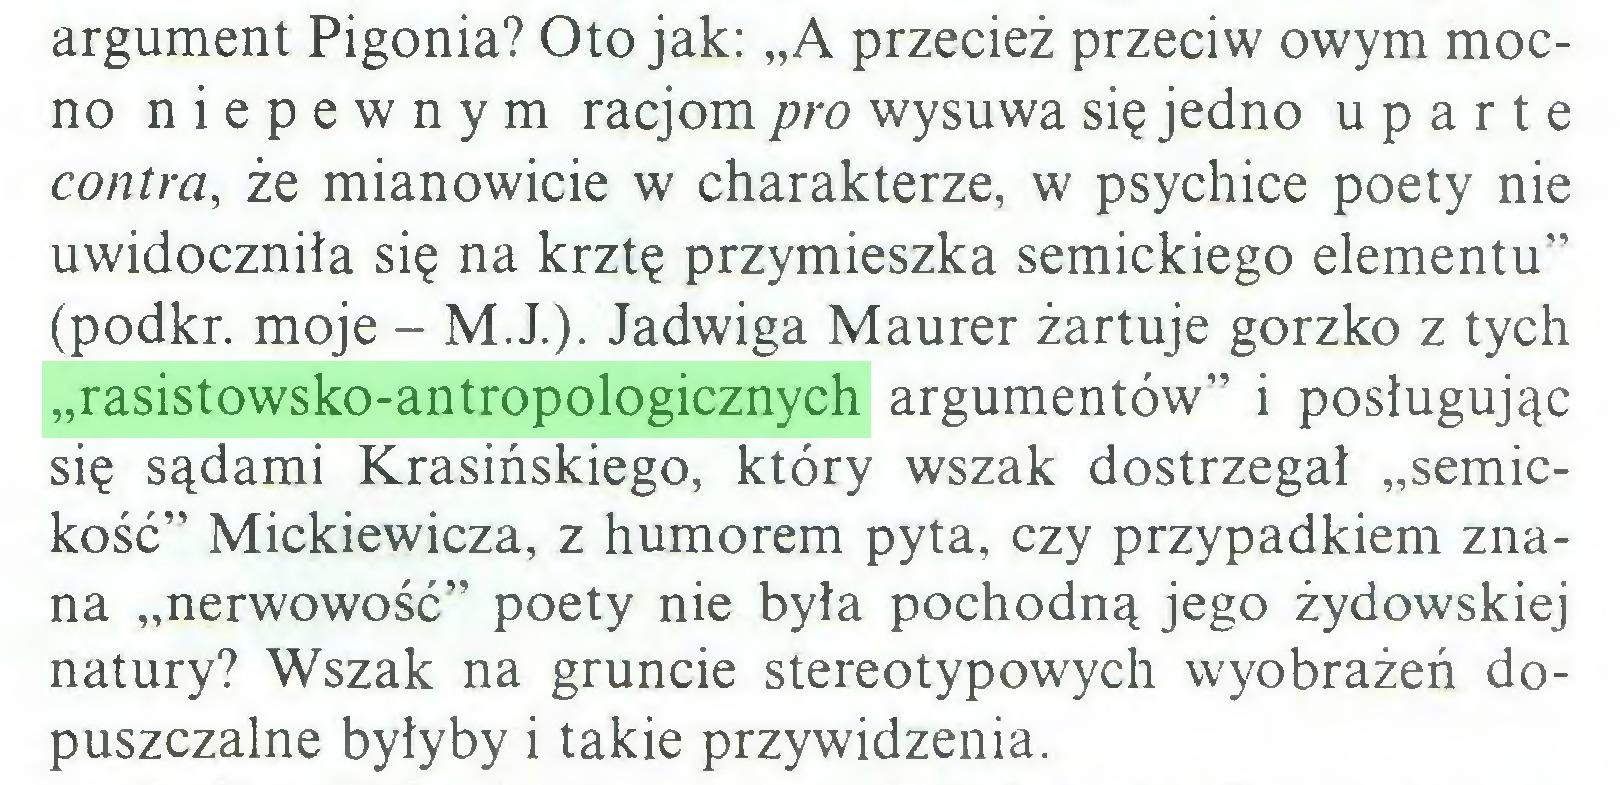 """(...) argument Pigonia? Oto jak: """"A przecież przeciw owym mocno niepewnym racjom pro wysuwa się jedno uparte contra, że mianowicie w charakterze, w psychice poety nie uwidoczniła się na krztę przymieszka semickiego elementu"""" (podkr. moje - M.J.). Jadwiga Maurer żartuje gorzko z tych """"rasistowsko-antropologicznych argumentów"""" i posługując się sądami Krasińskiego, który wszak dostrzegał """"semickość"""" Mickiewicza, z humorem pyta, czy przypadkiem znana """"nerwowość"""" poety nie była pochodną jego żydowskiej natury? Wszak na gruncie stereotypowych wyobrażeń dopuszczalne byłyby i takie przywidzenia..."""